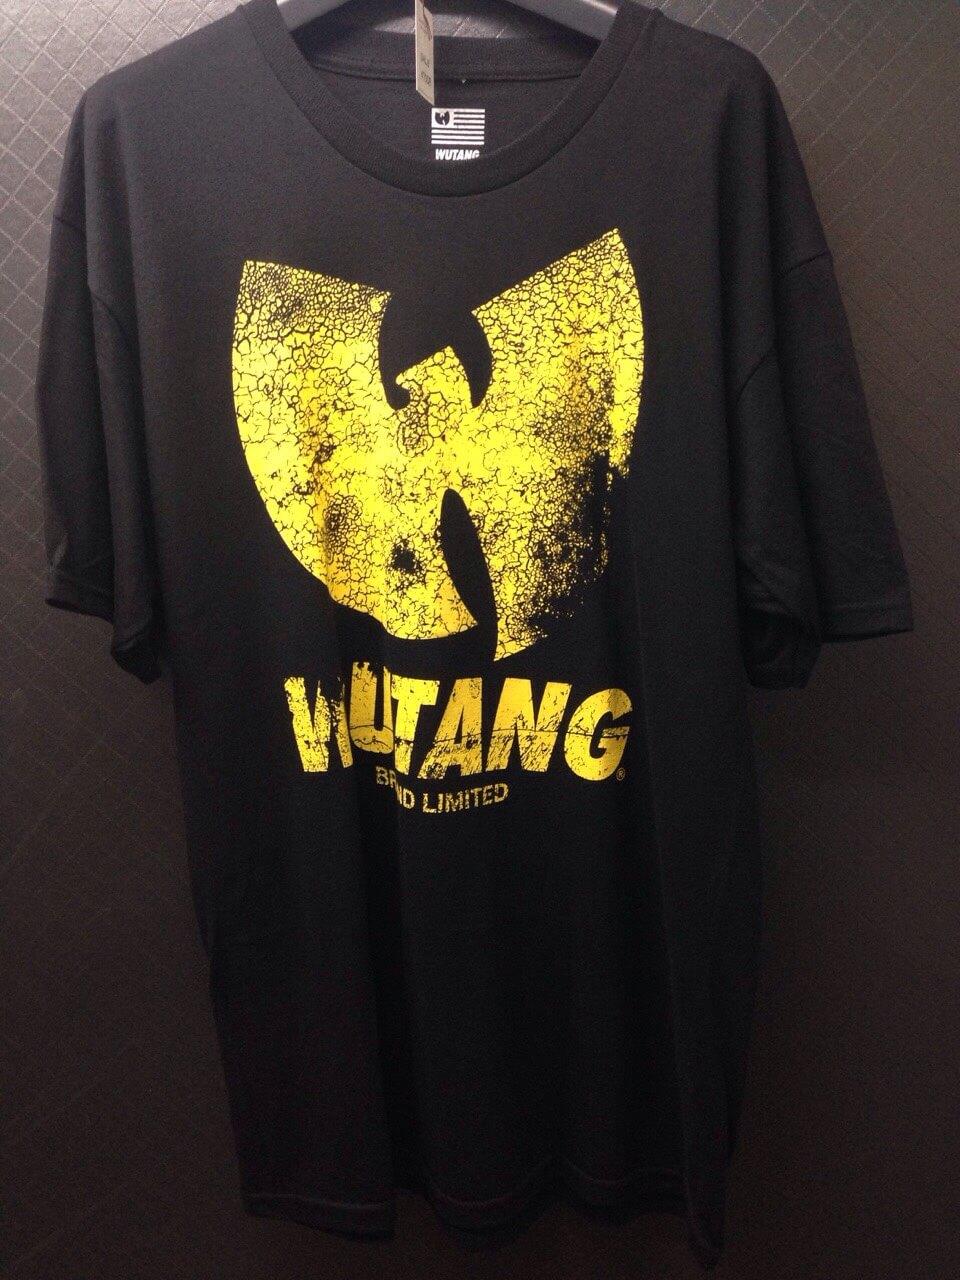 wutang_t-shirts-b01